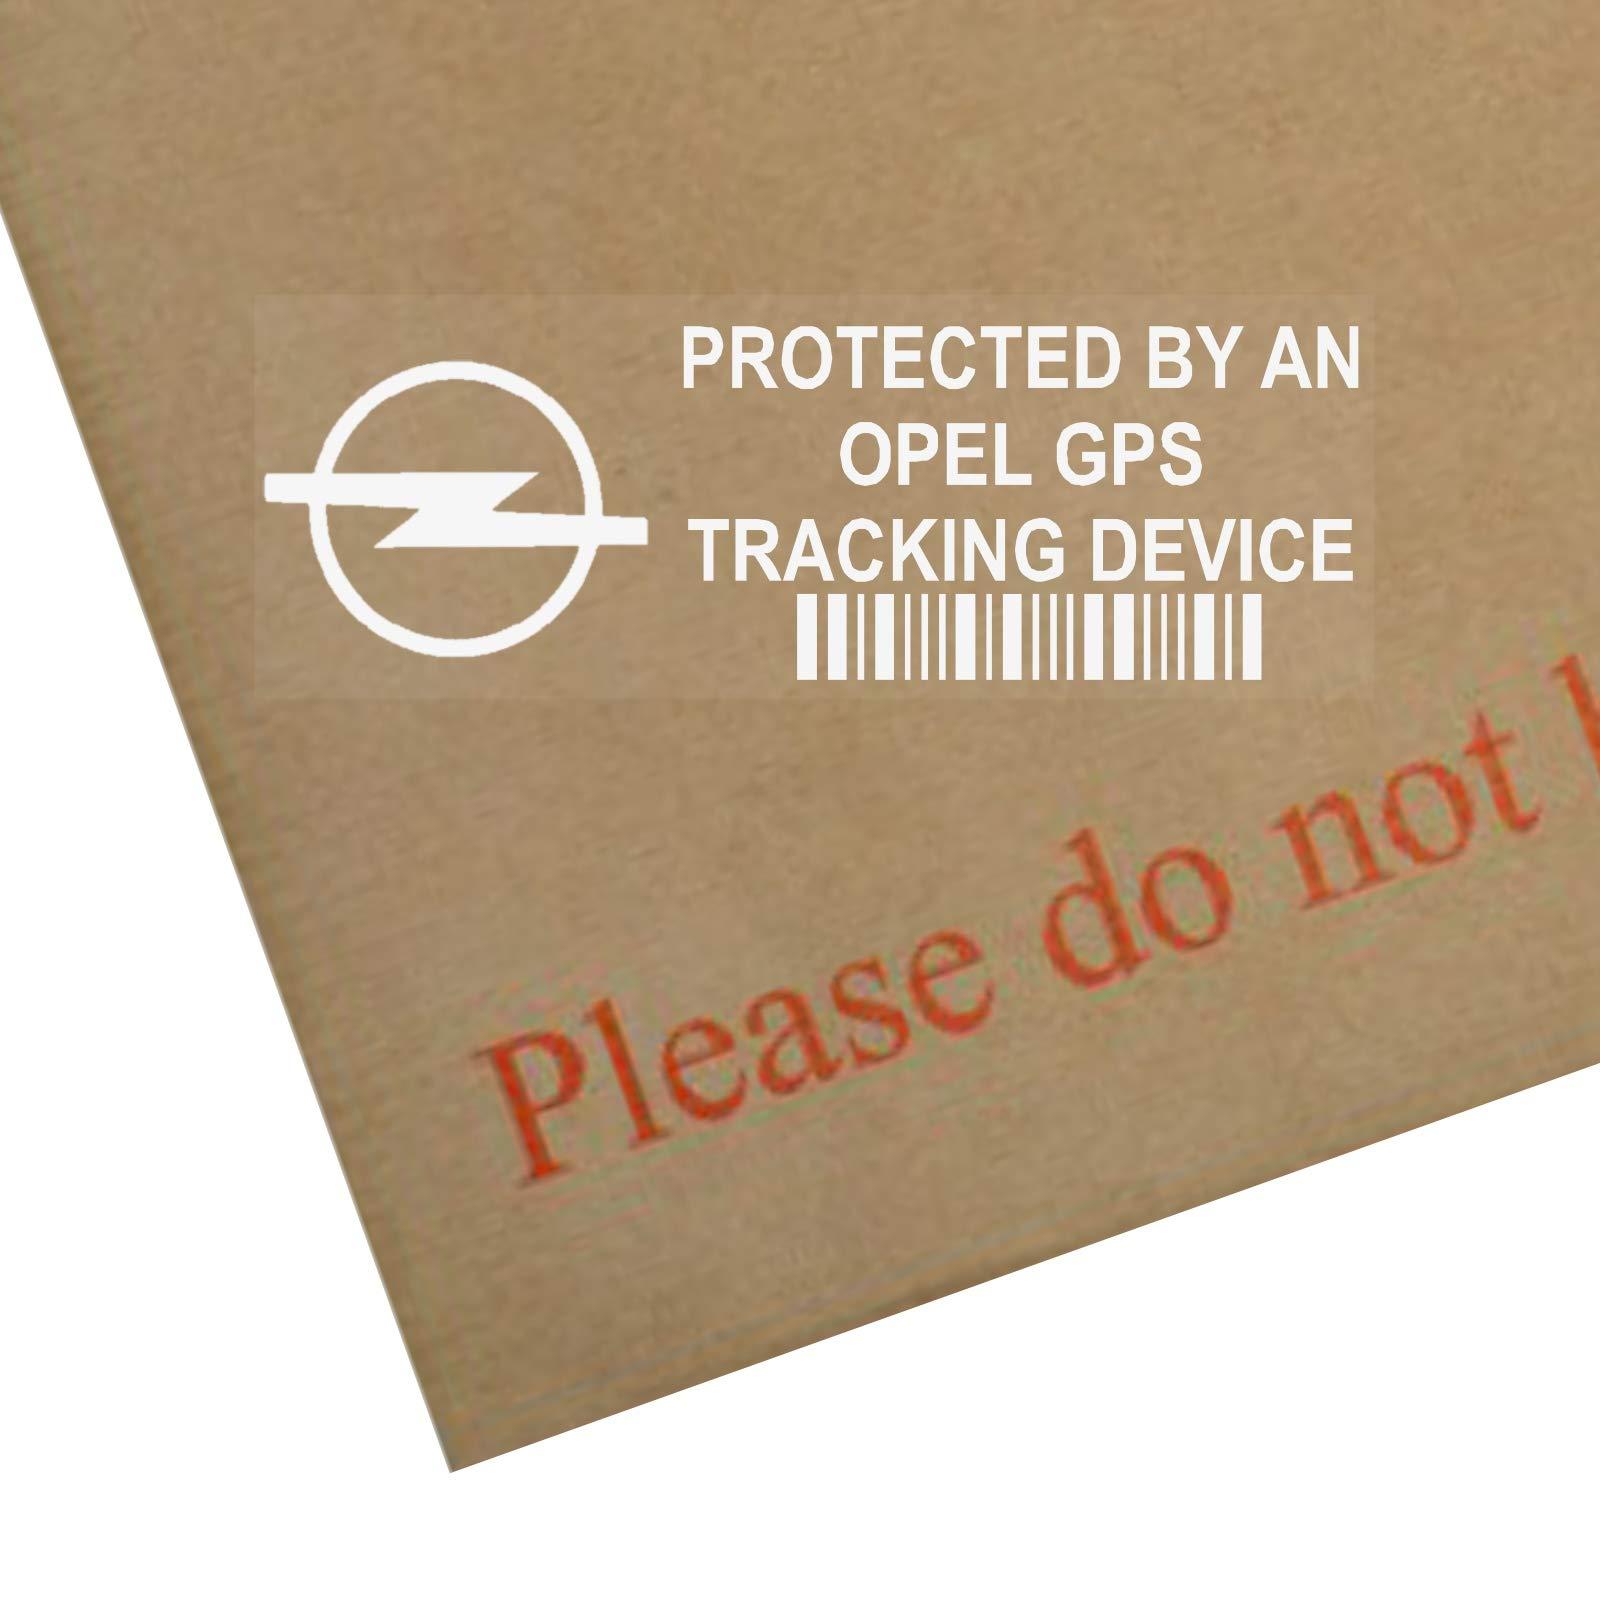 5 x Opel dispositivo de seguimiento GPS Tracker Alarma de Seguridad Pegatinas para ventana 87 x